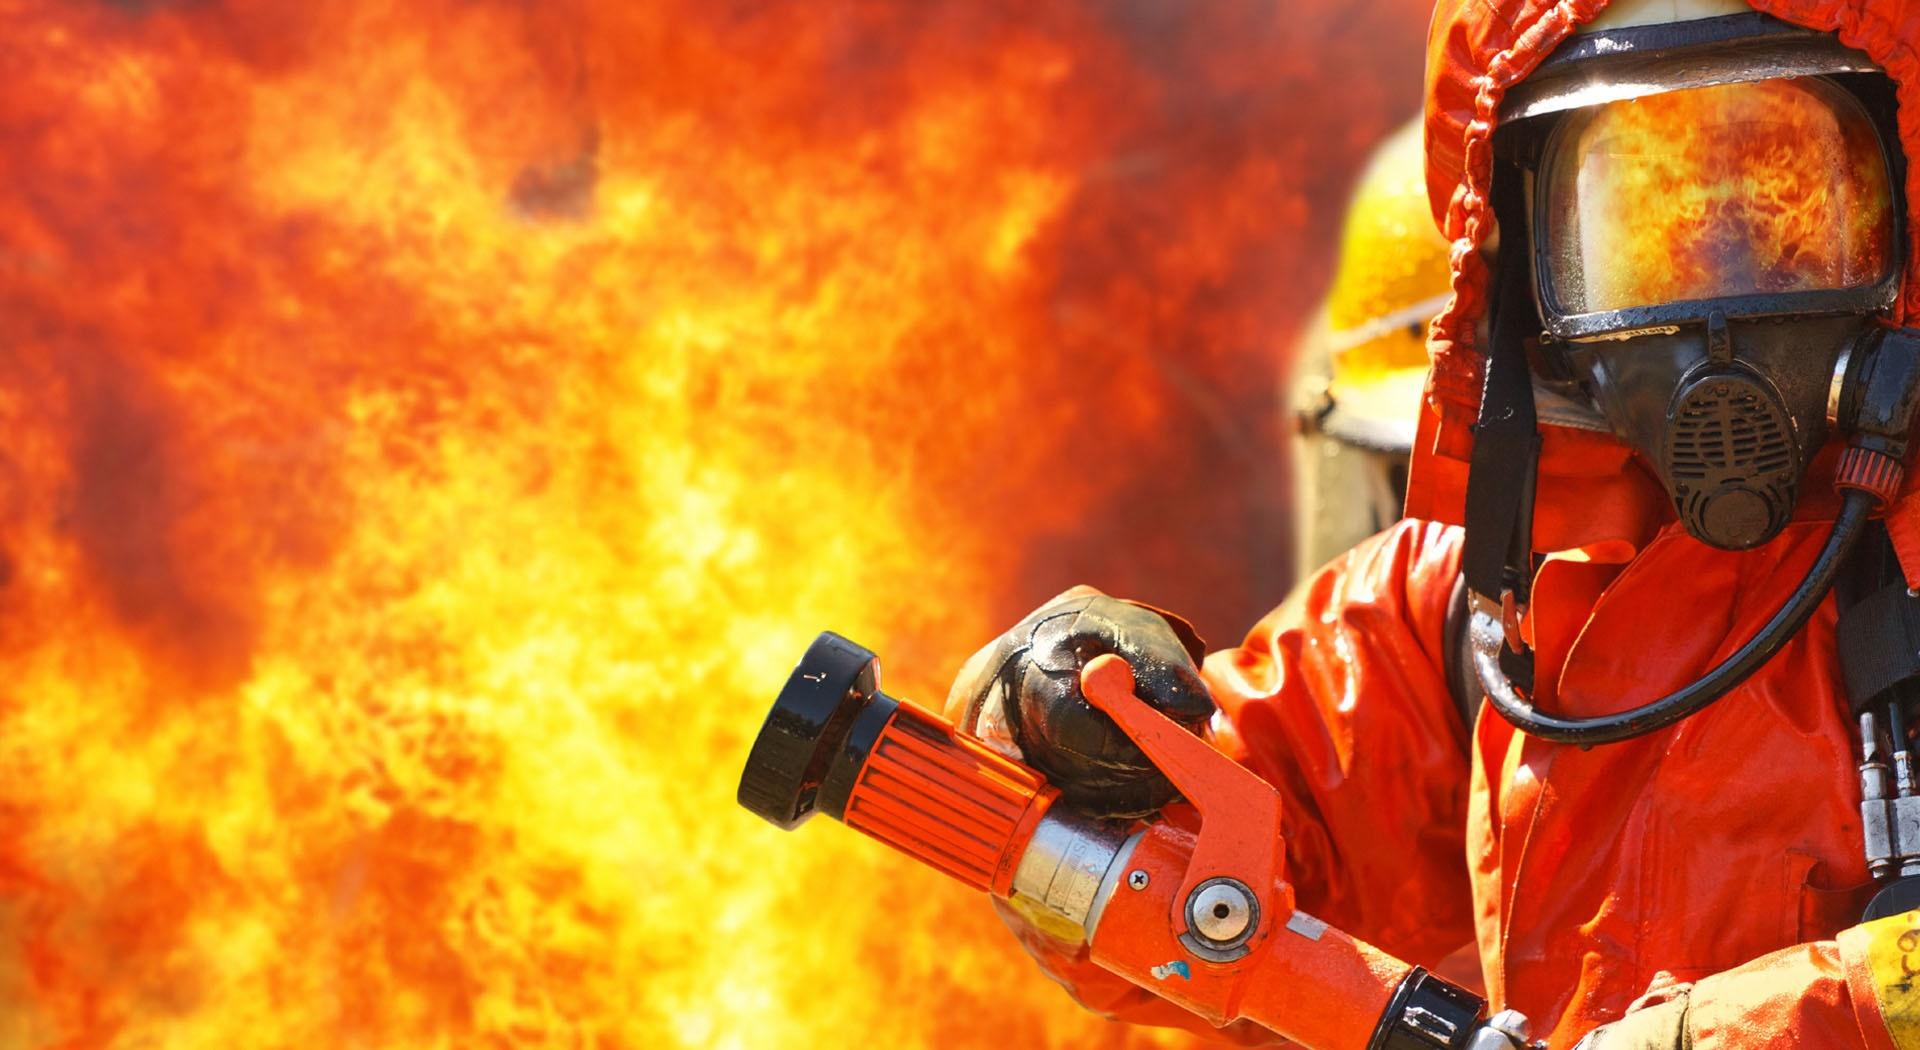 شغل آتشنشانی و پرتوکاری اشعه جزو مشاغل سخت و زیانآور شدند